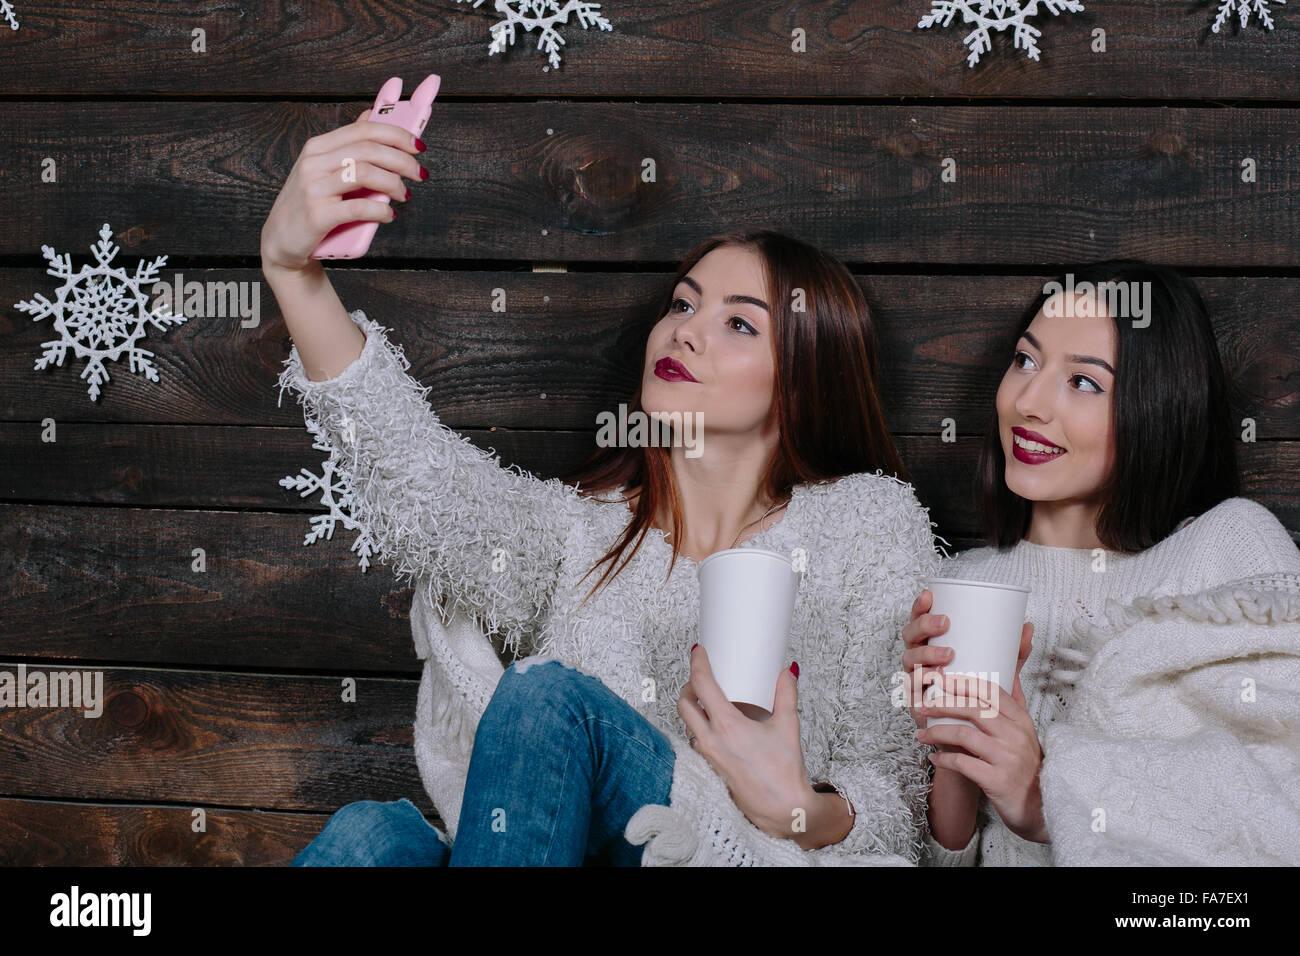 Due giovani ragazze fanno salfie Immagini Stock